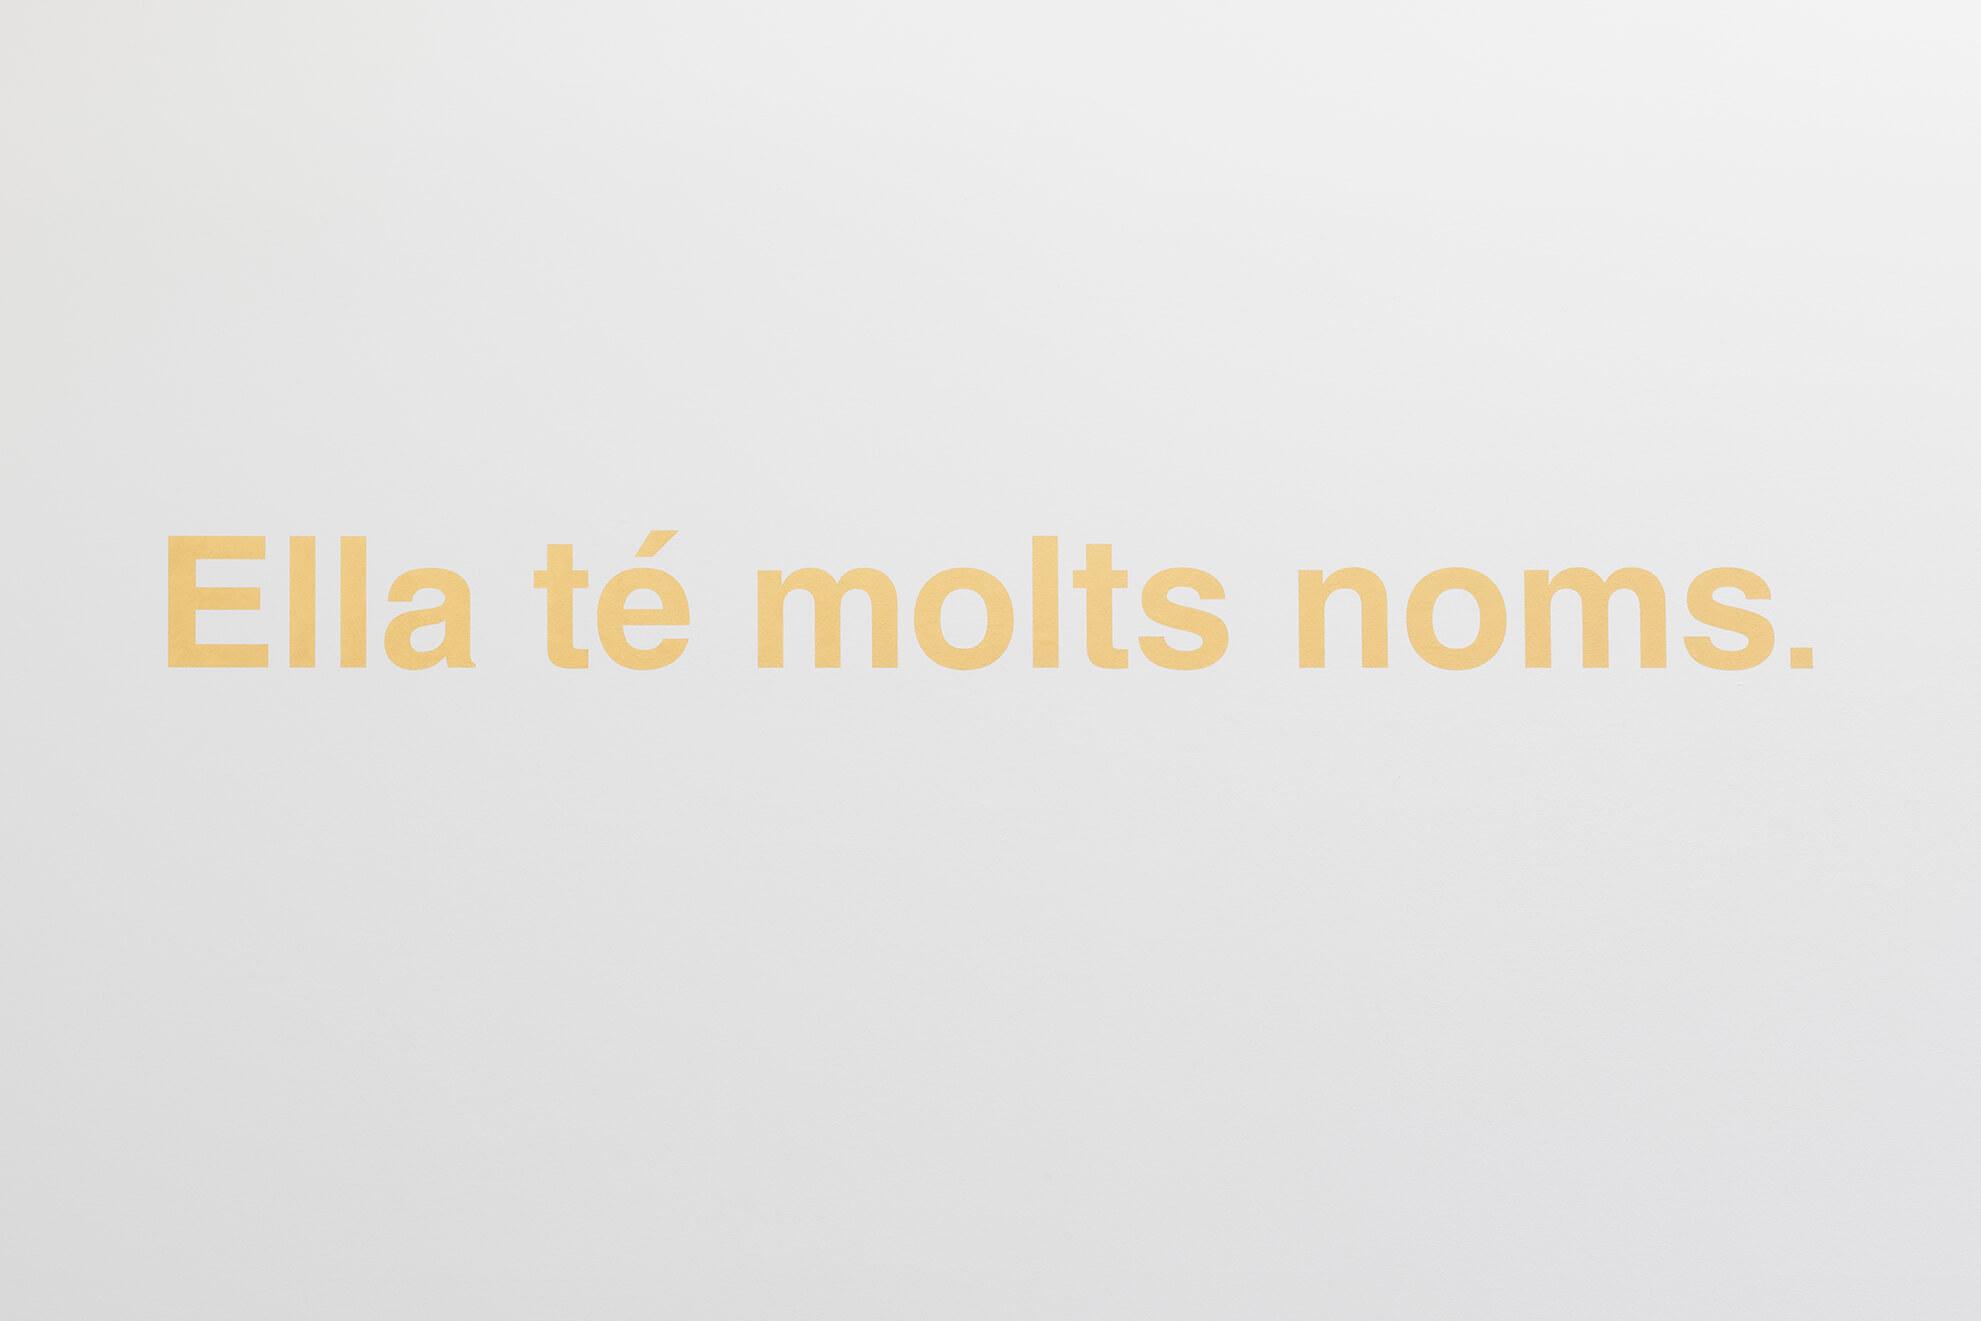 DORA GARCÍA. Golden sentence (She has many names.), 2020 | Ella té molts noms / Ella tiene muchos nombres / She has many names | ProjecteSD